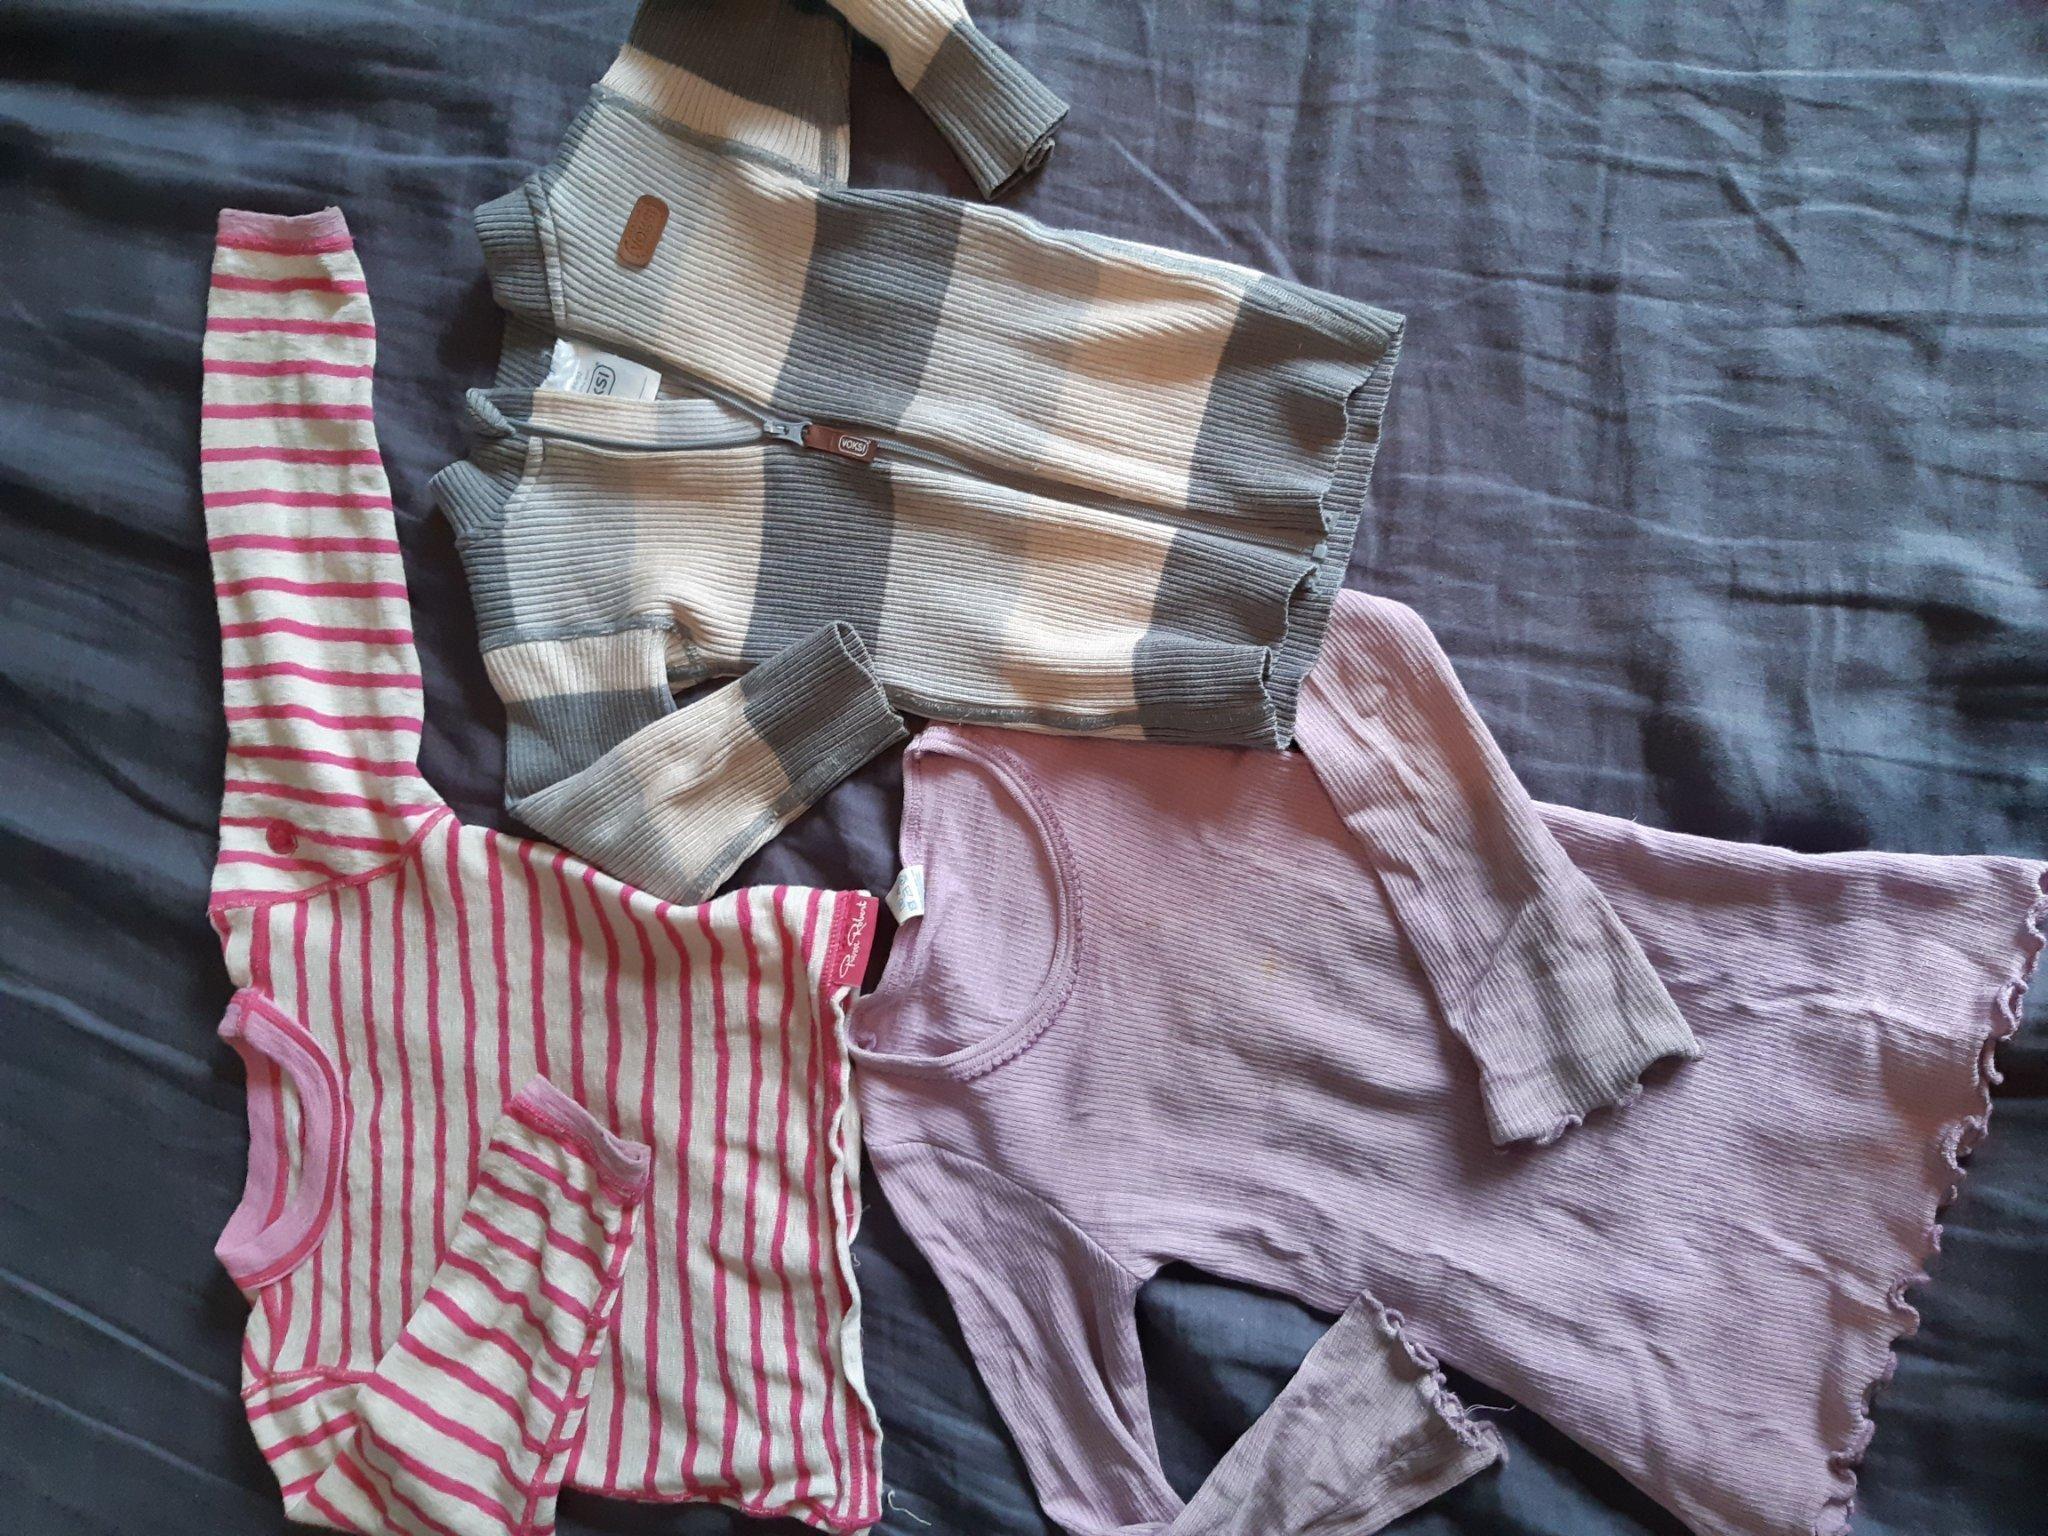 c9b6302b Paket Ull silke ullsilke tröja kofta eko ENGEL VOKSI PIERRE ROBERT 86 92 98  104 ...